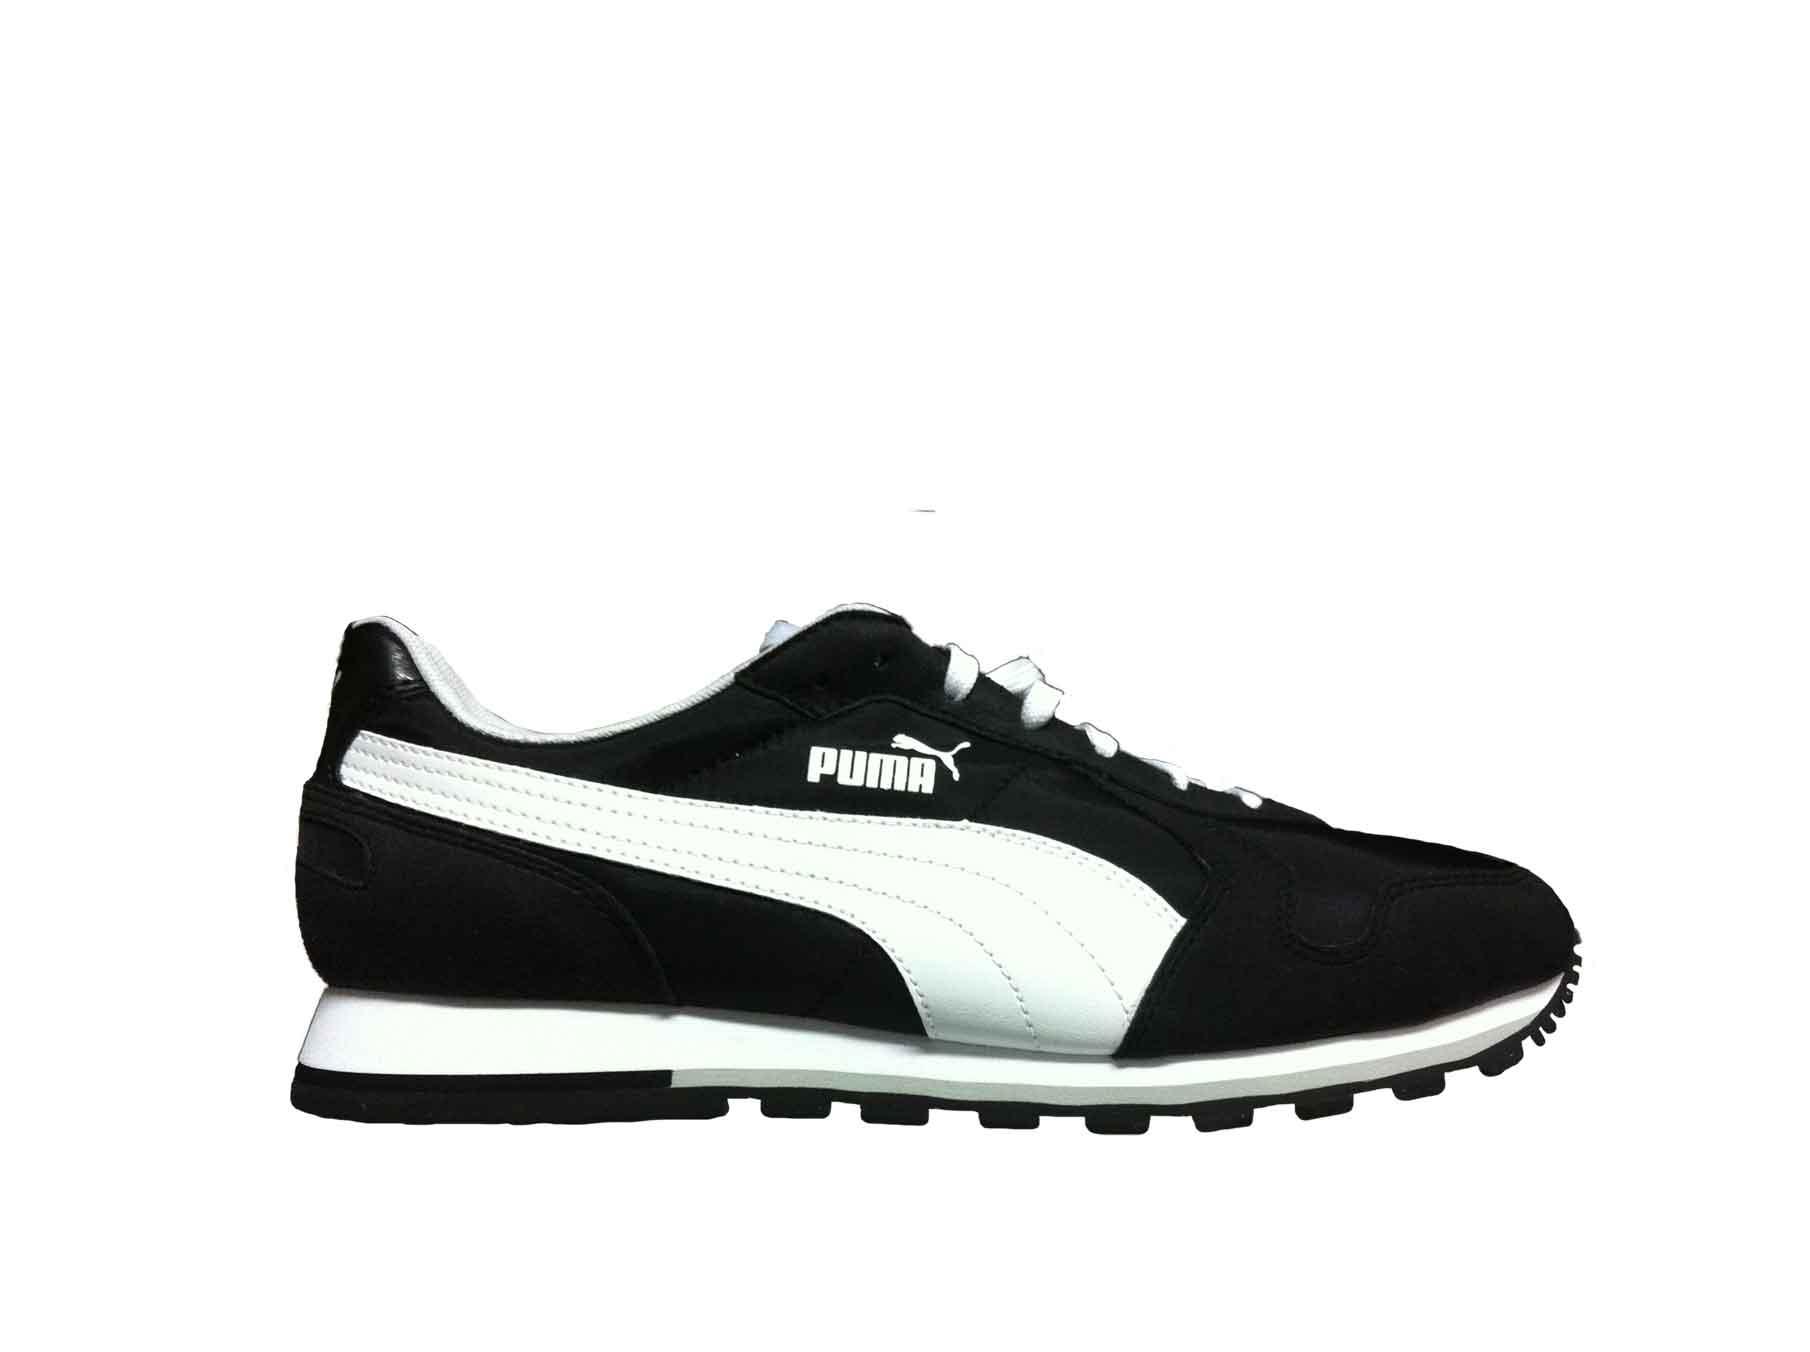 Cómo combinar zapatos con el tipo de pantalón adecuado 0d0cad017bc5